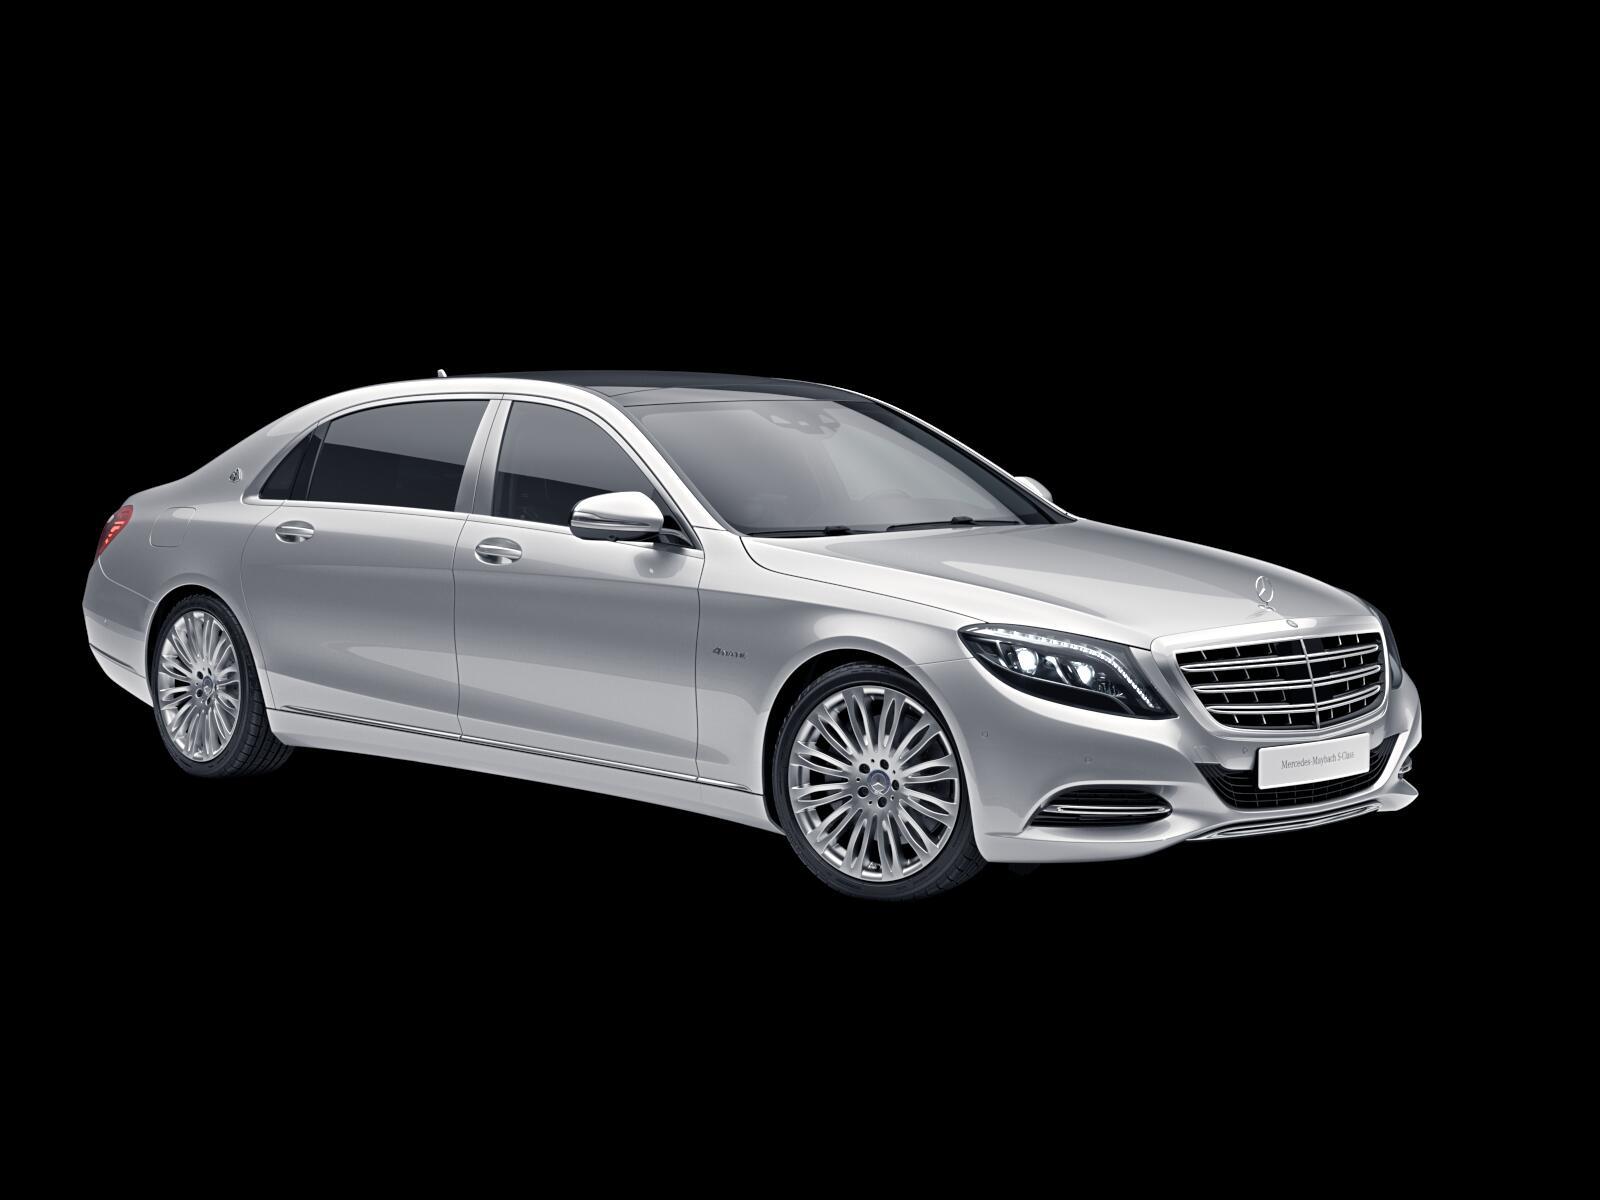 奔驰召回部分进口M级、GL级、GLE SUV、GLS SUV和S级汽车